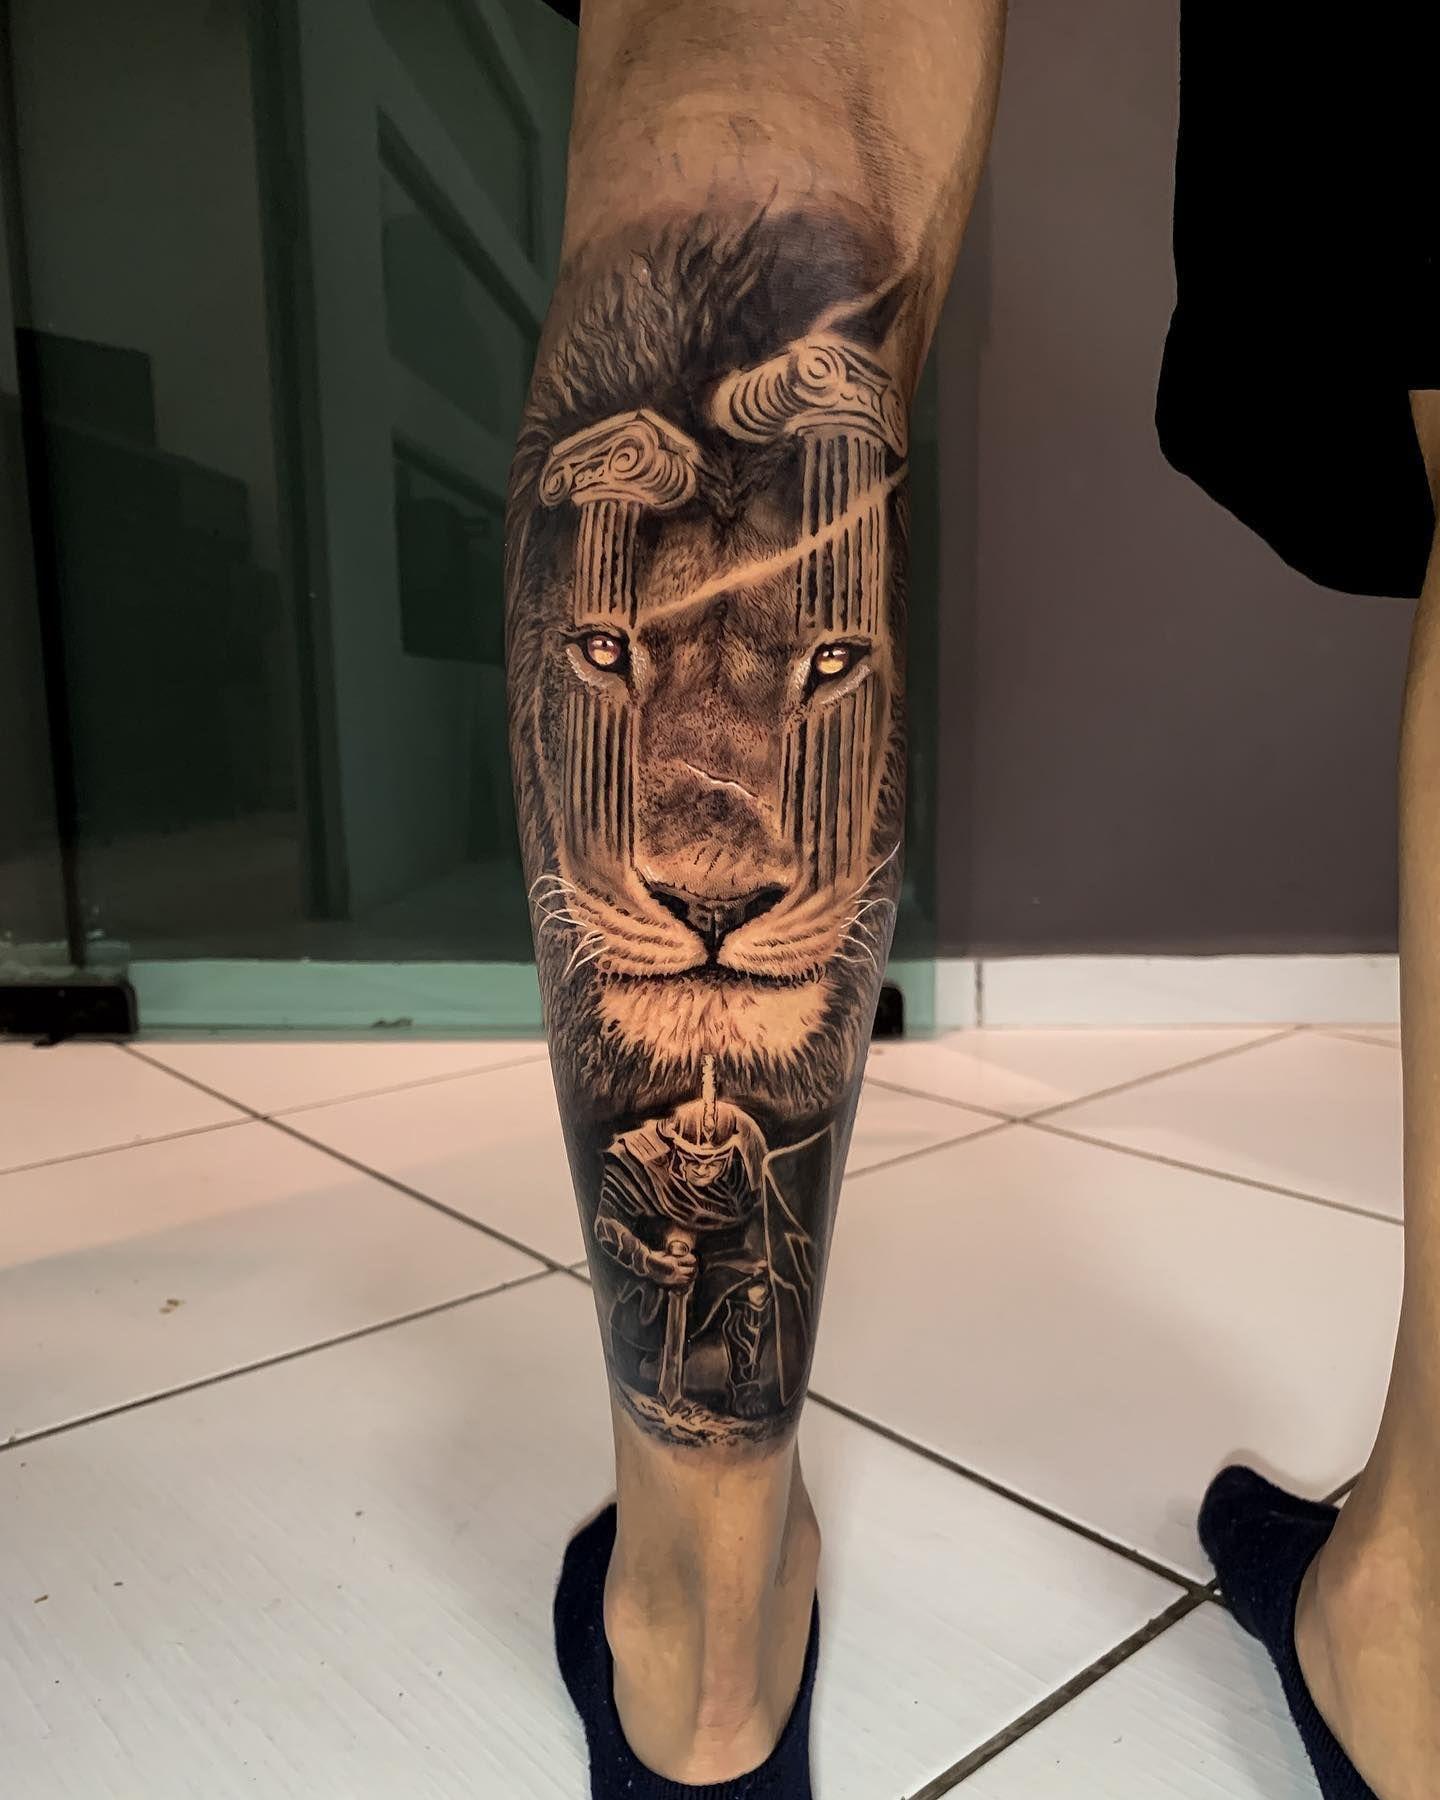 Resultado da sessão de ontem, quase 9hrs. Primeira tattoo do @caiobreda10, que veio de Arapongas pra mandar esse trampo comigo e aguentou firme até o final! . . #andrericardoart #tattoo #tatuagem #realistictattoo #realismotattoo #leaotattoo #lion #liontattoo #pretoecinzatattoo #inked #maringa #maringatattoo #parana #paranatattoo #tattoos #tattoostyle